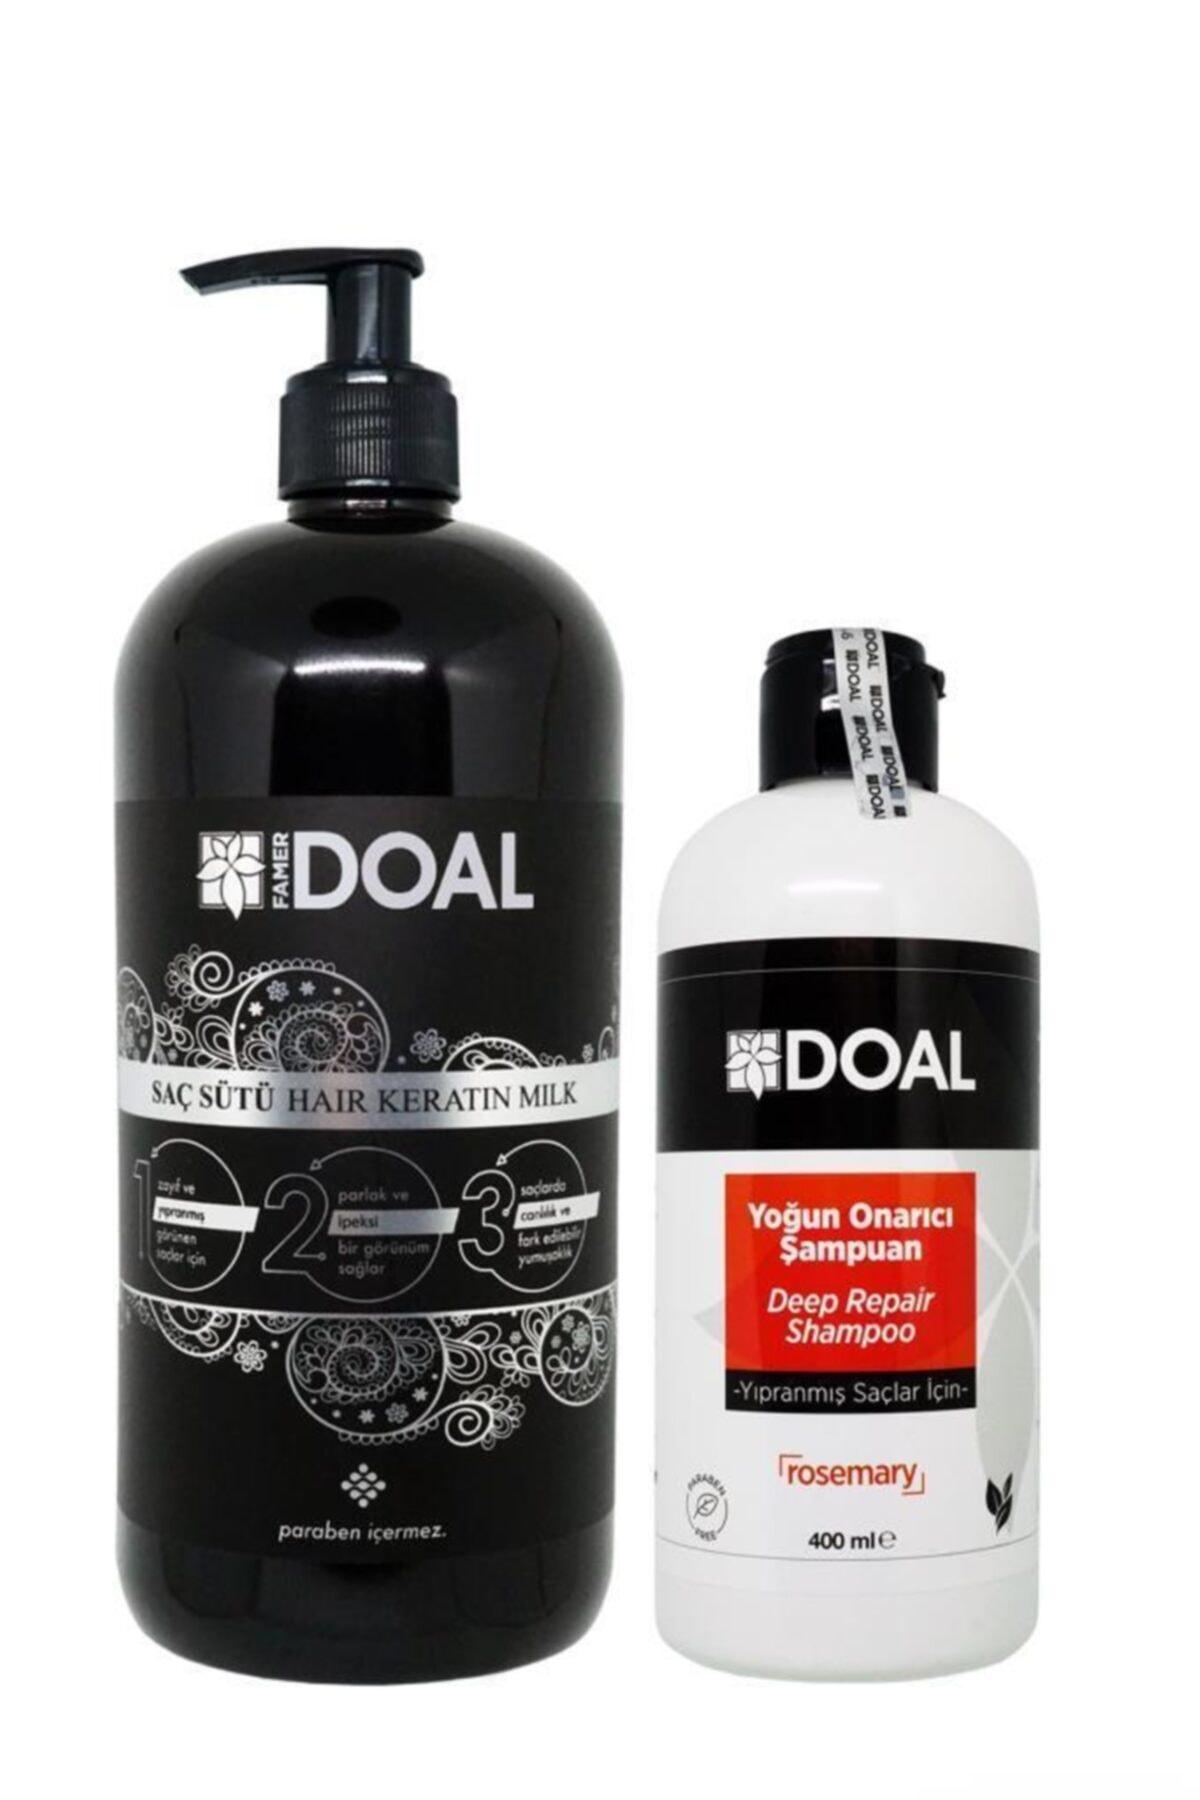 Keratin Sütü 1000ml + Yıpranmış Saçlar Için Yoğun Onarıcı Şampuan 400 Ml